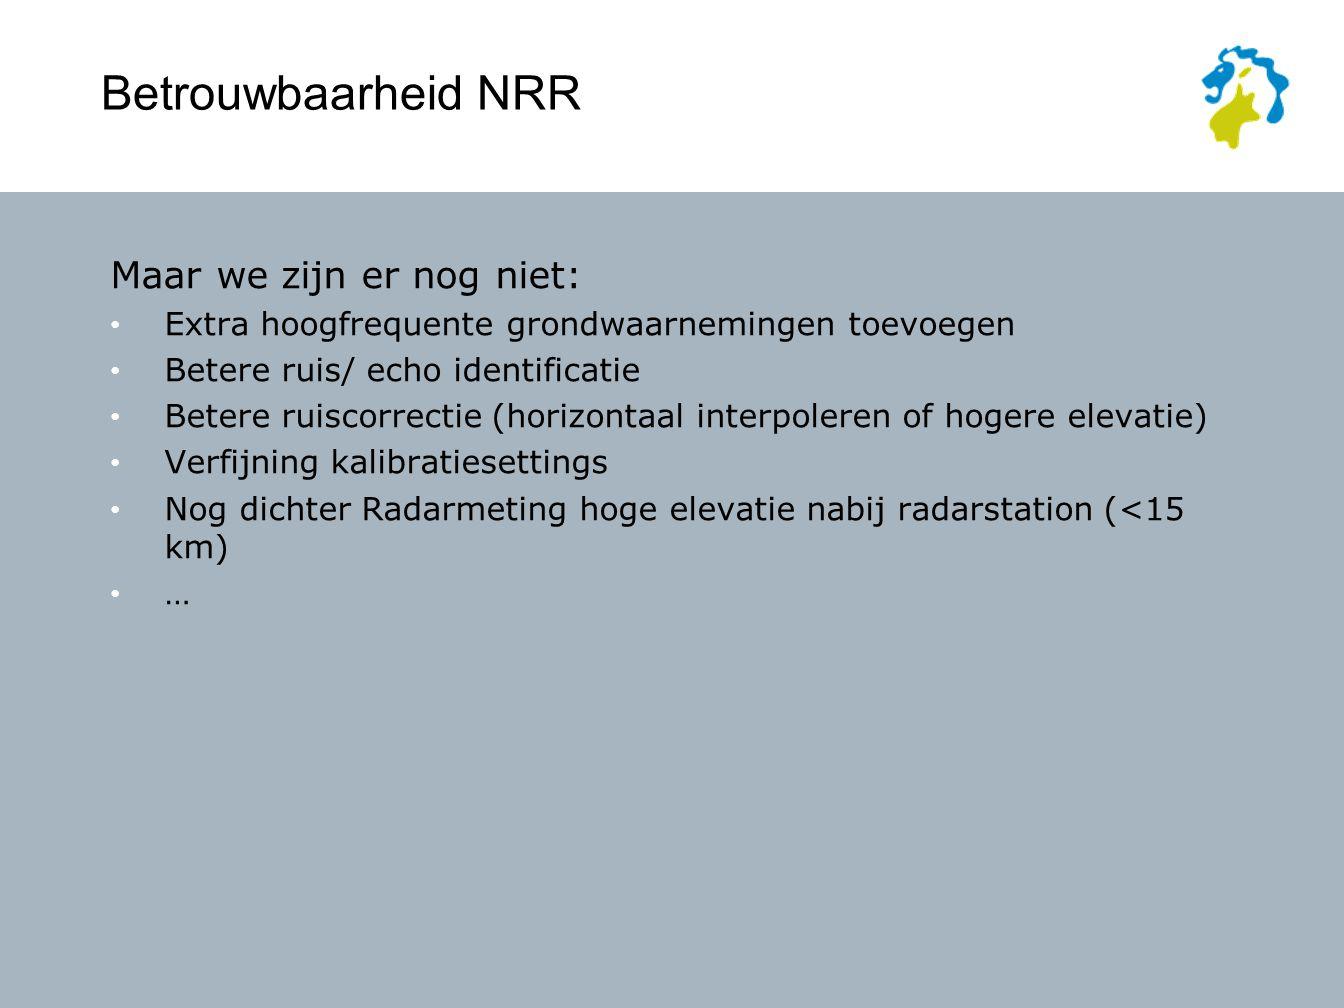 Betrouwbaarheid NRR Maar we zijn er nog niet: Extra hoogfrequente grondwaarnemingen toevoegen Betere ruis/ echo identificatie Betere ruiscorrectie (horizontaal interpoleren of hogere elevatie) Verfijning kalibratiesettings Nog dichter Radarmeting hoge elevatie nabij radarstation (<15 km) …